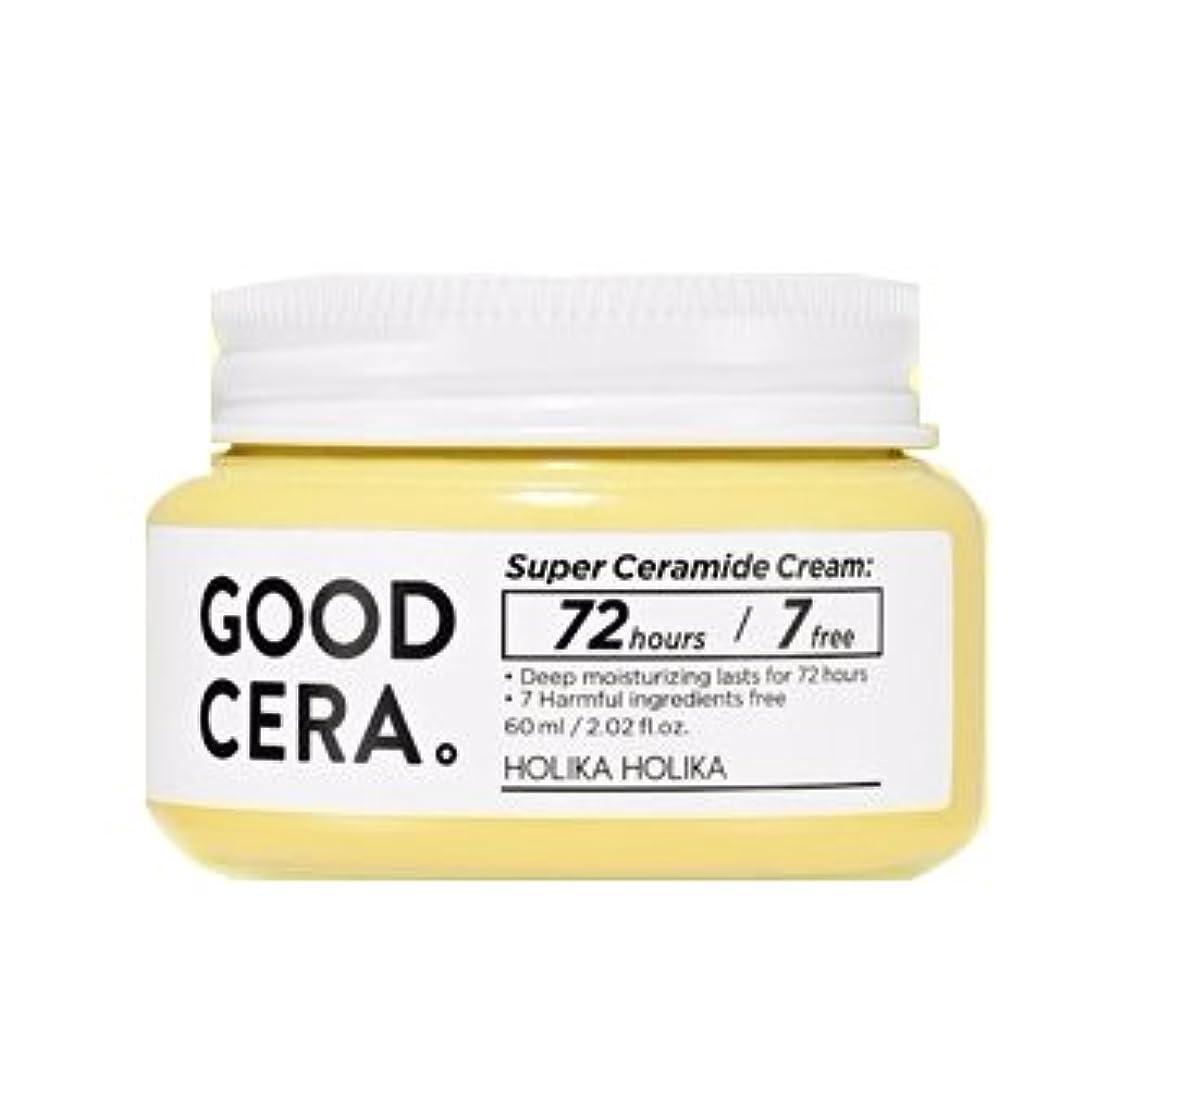 衣装部門凝縮する[NEW] ホリカホリカ スーパーセラミドクリーム 60ml / HOLIKA HOLIKA Super Ceramide Cream [並行輸入品]